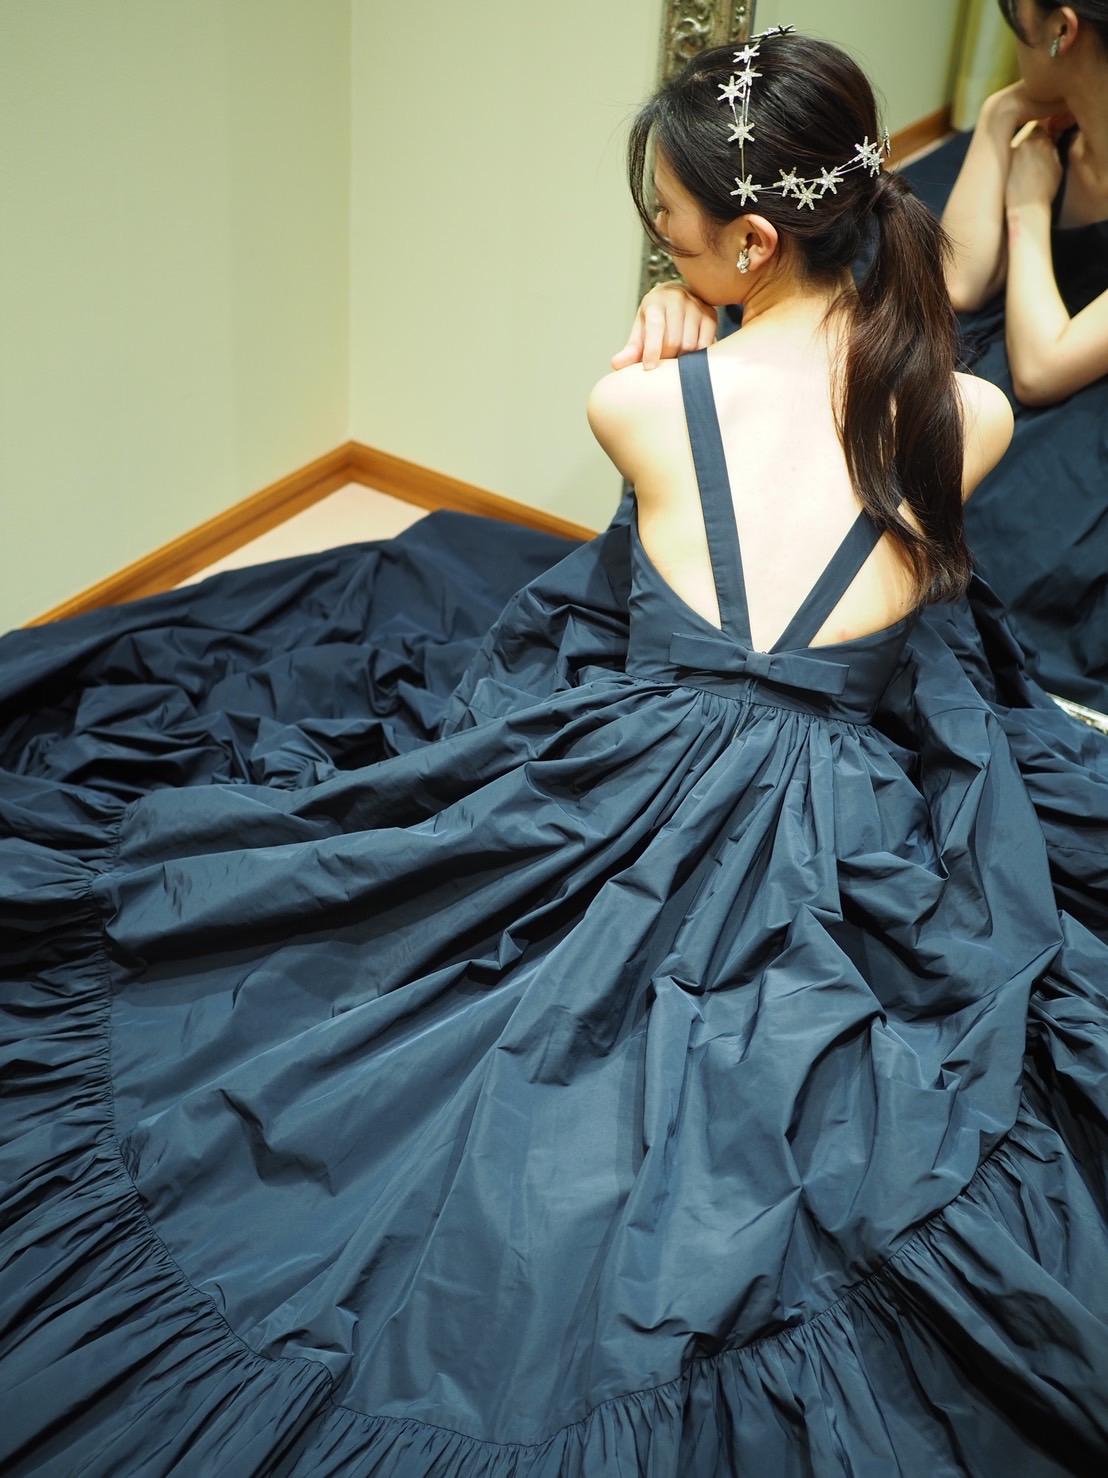 トリートメゾンのカラードレスは背中の空いているリボン付きのバックコンシャスなデザインとティアードスカートで人と被らない個性的な花嫁や新婦様におススメのデザイン